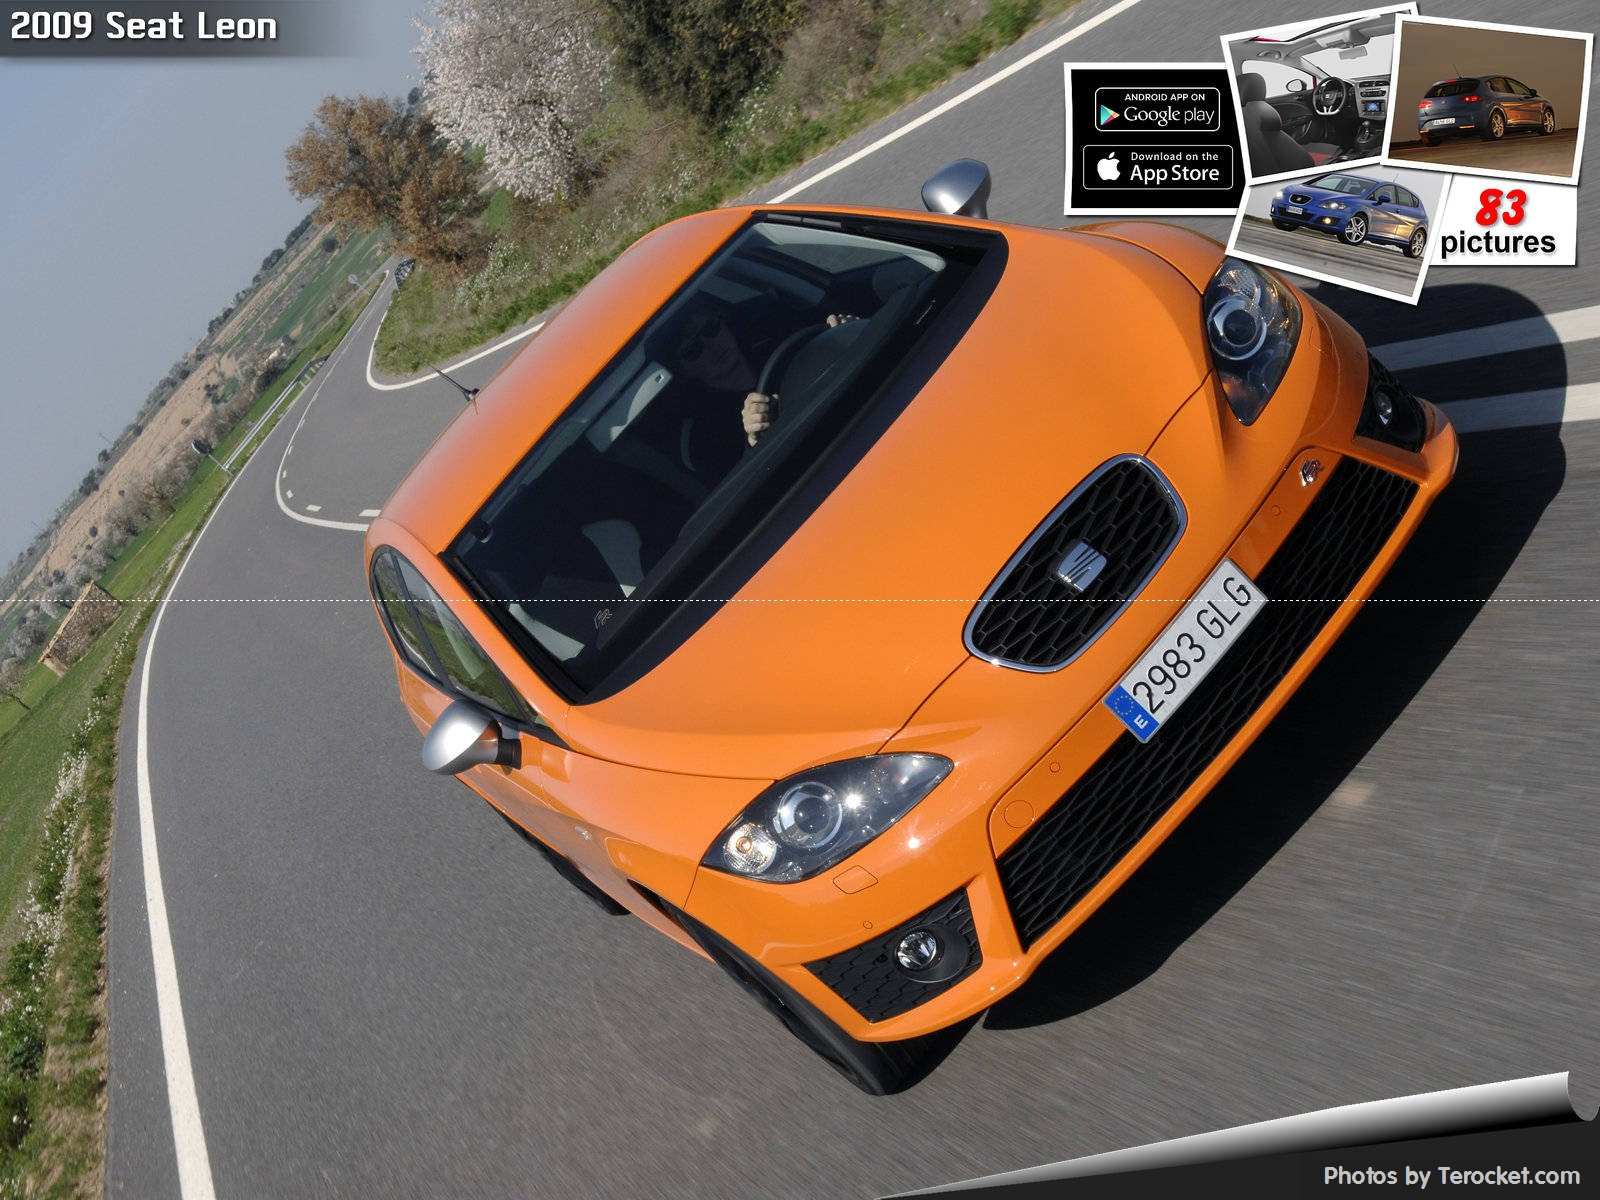 Hình ảnh xe ô tô Seat Leon 2009 & nội ngoại thất